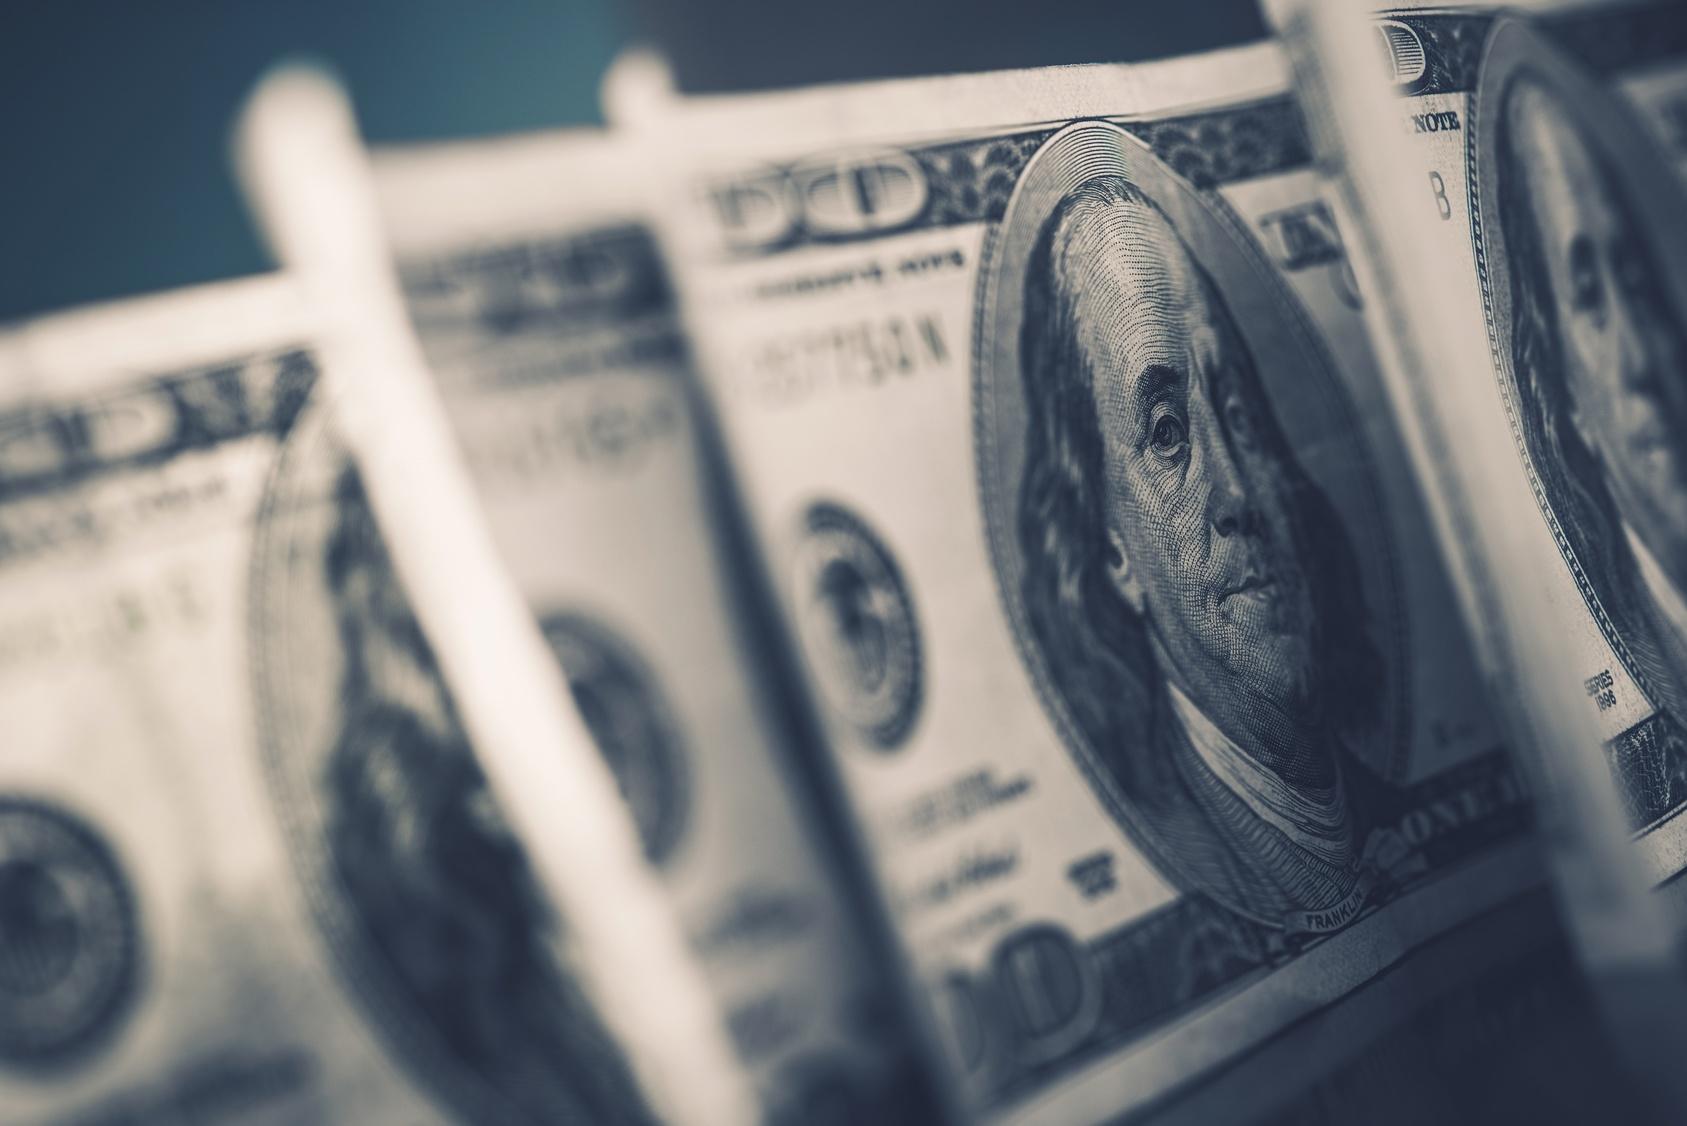 dolar, ile kosztuje dolar, wartość dolara, ciekawostki o dolarze, co warto wiedzieć o dolarze, waluta,wymiana walut, Ekantor.pl